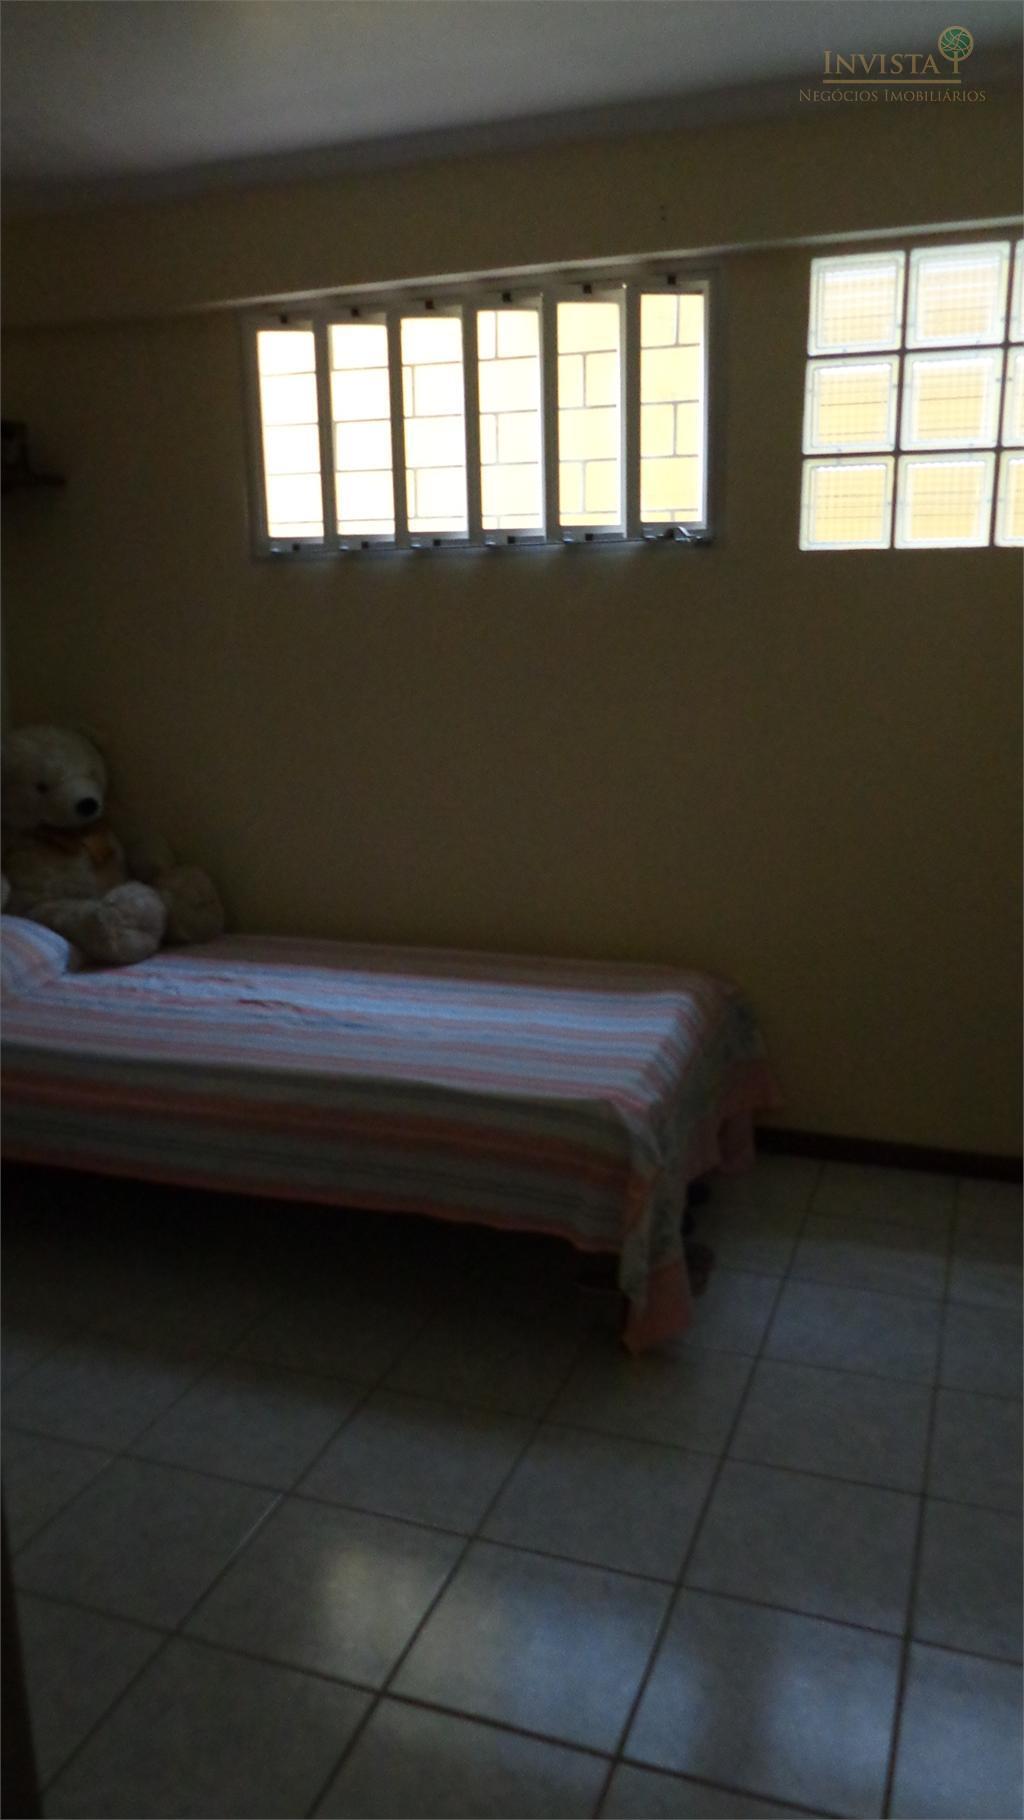 Casa de 5 dormitórios à venda em Jardim Atlântico, Florianópolis - SC